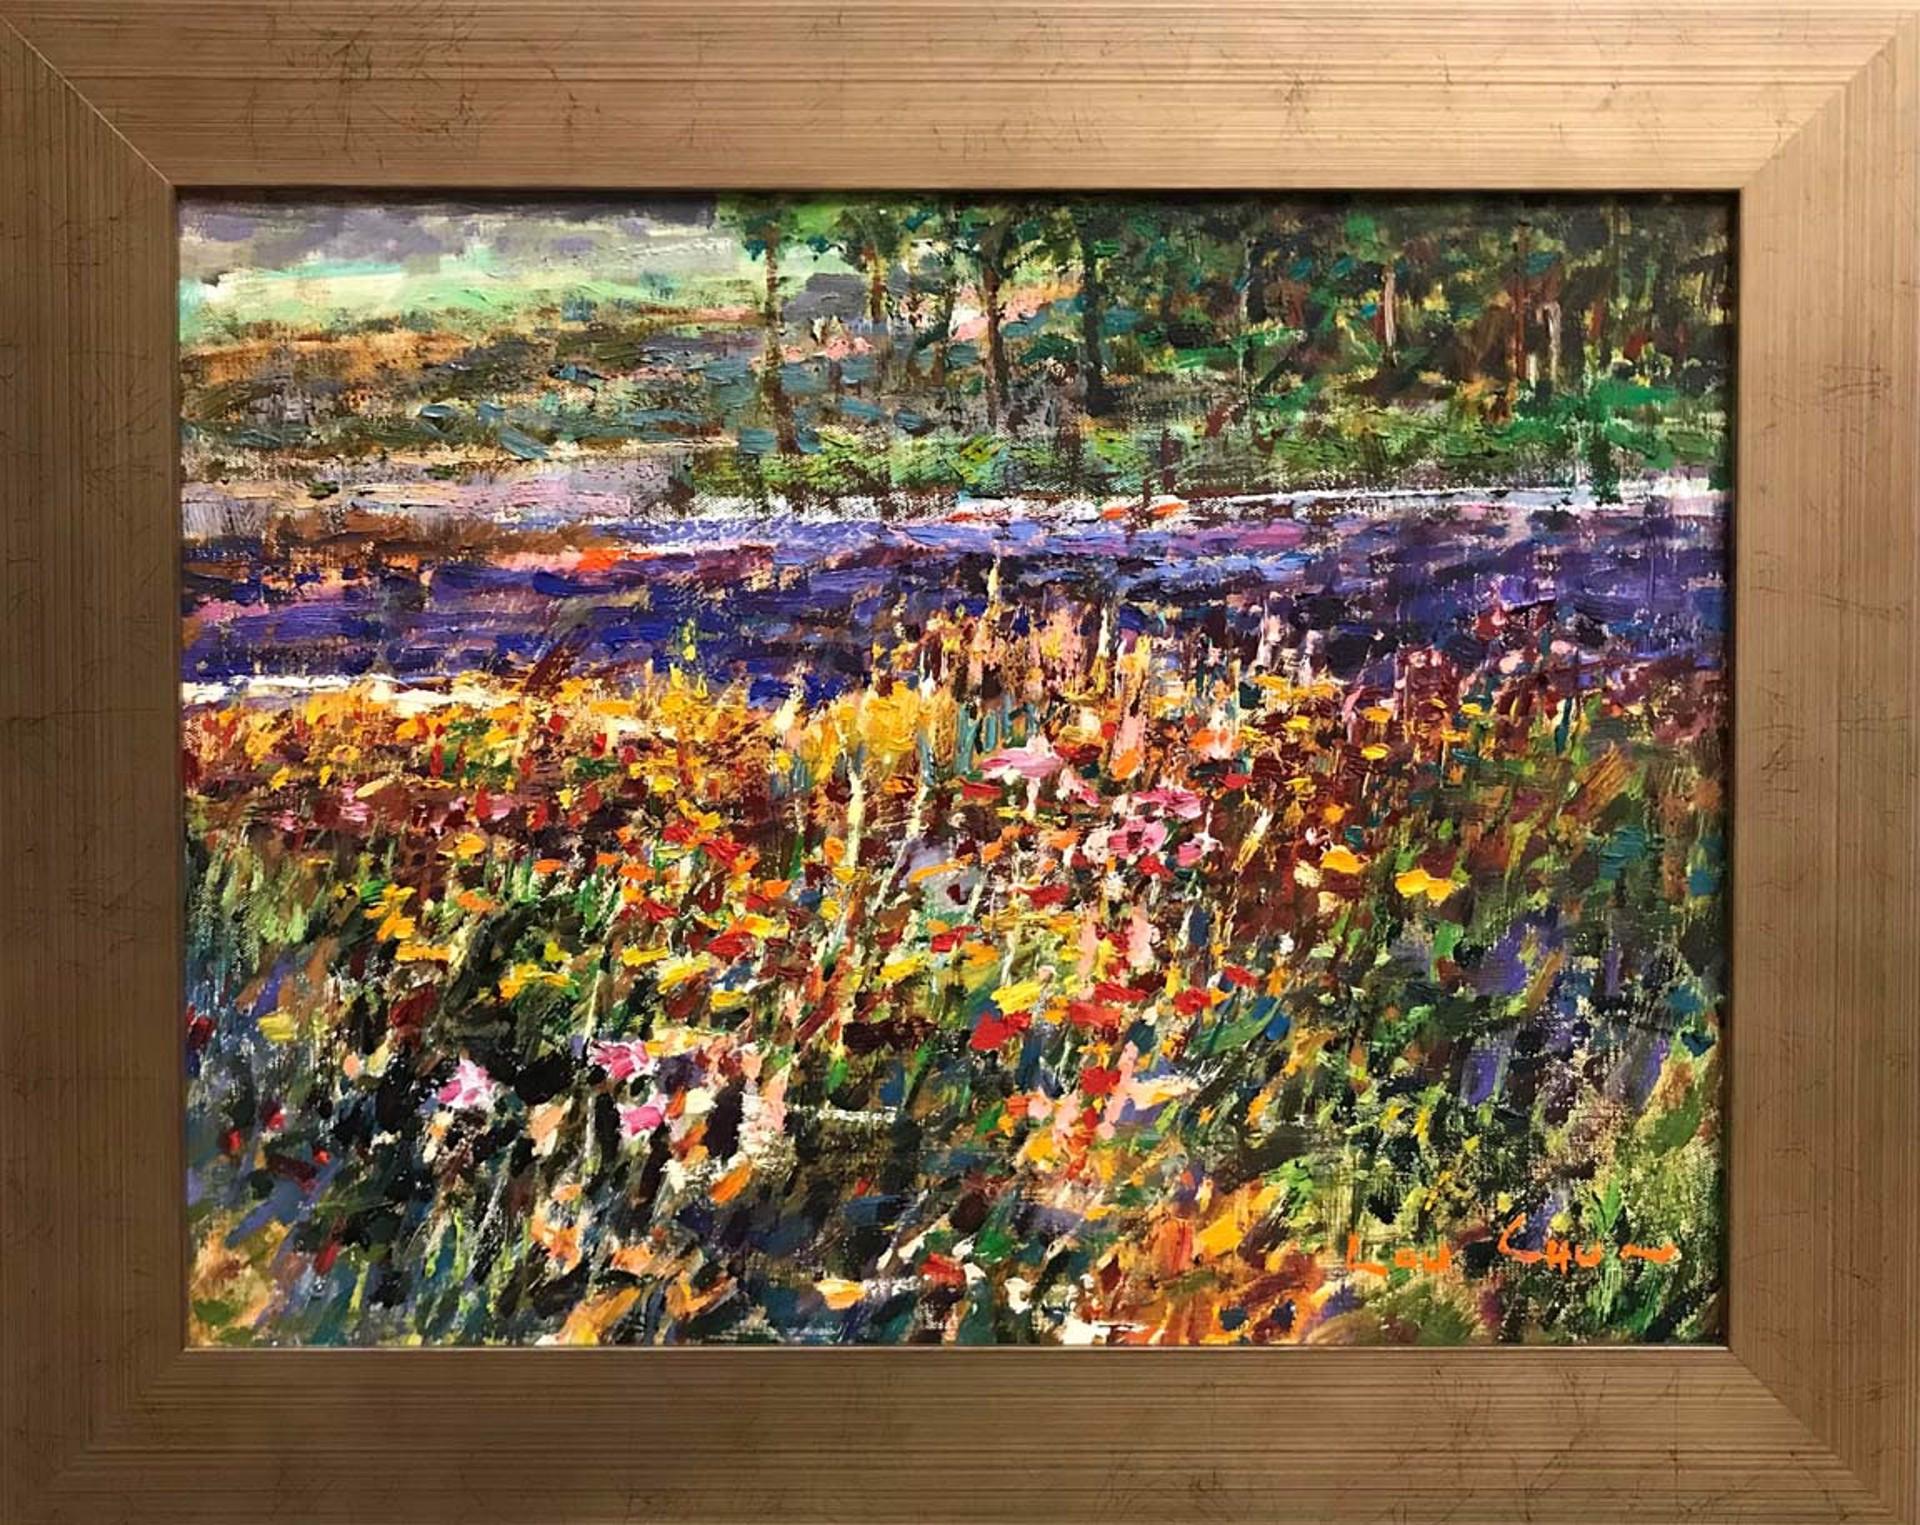 Blooming Season by Lau Chun